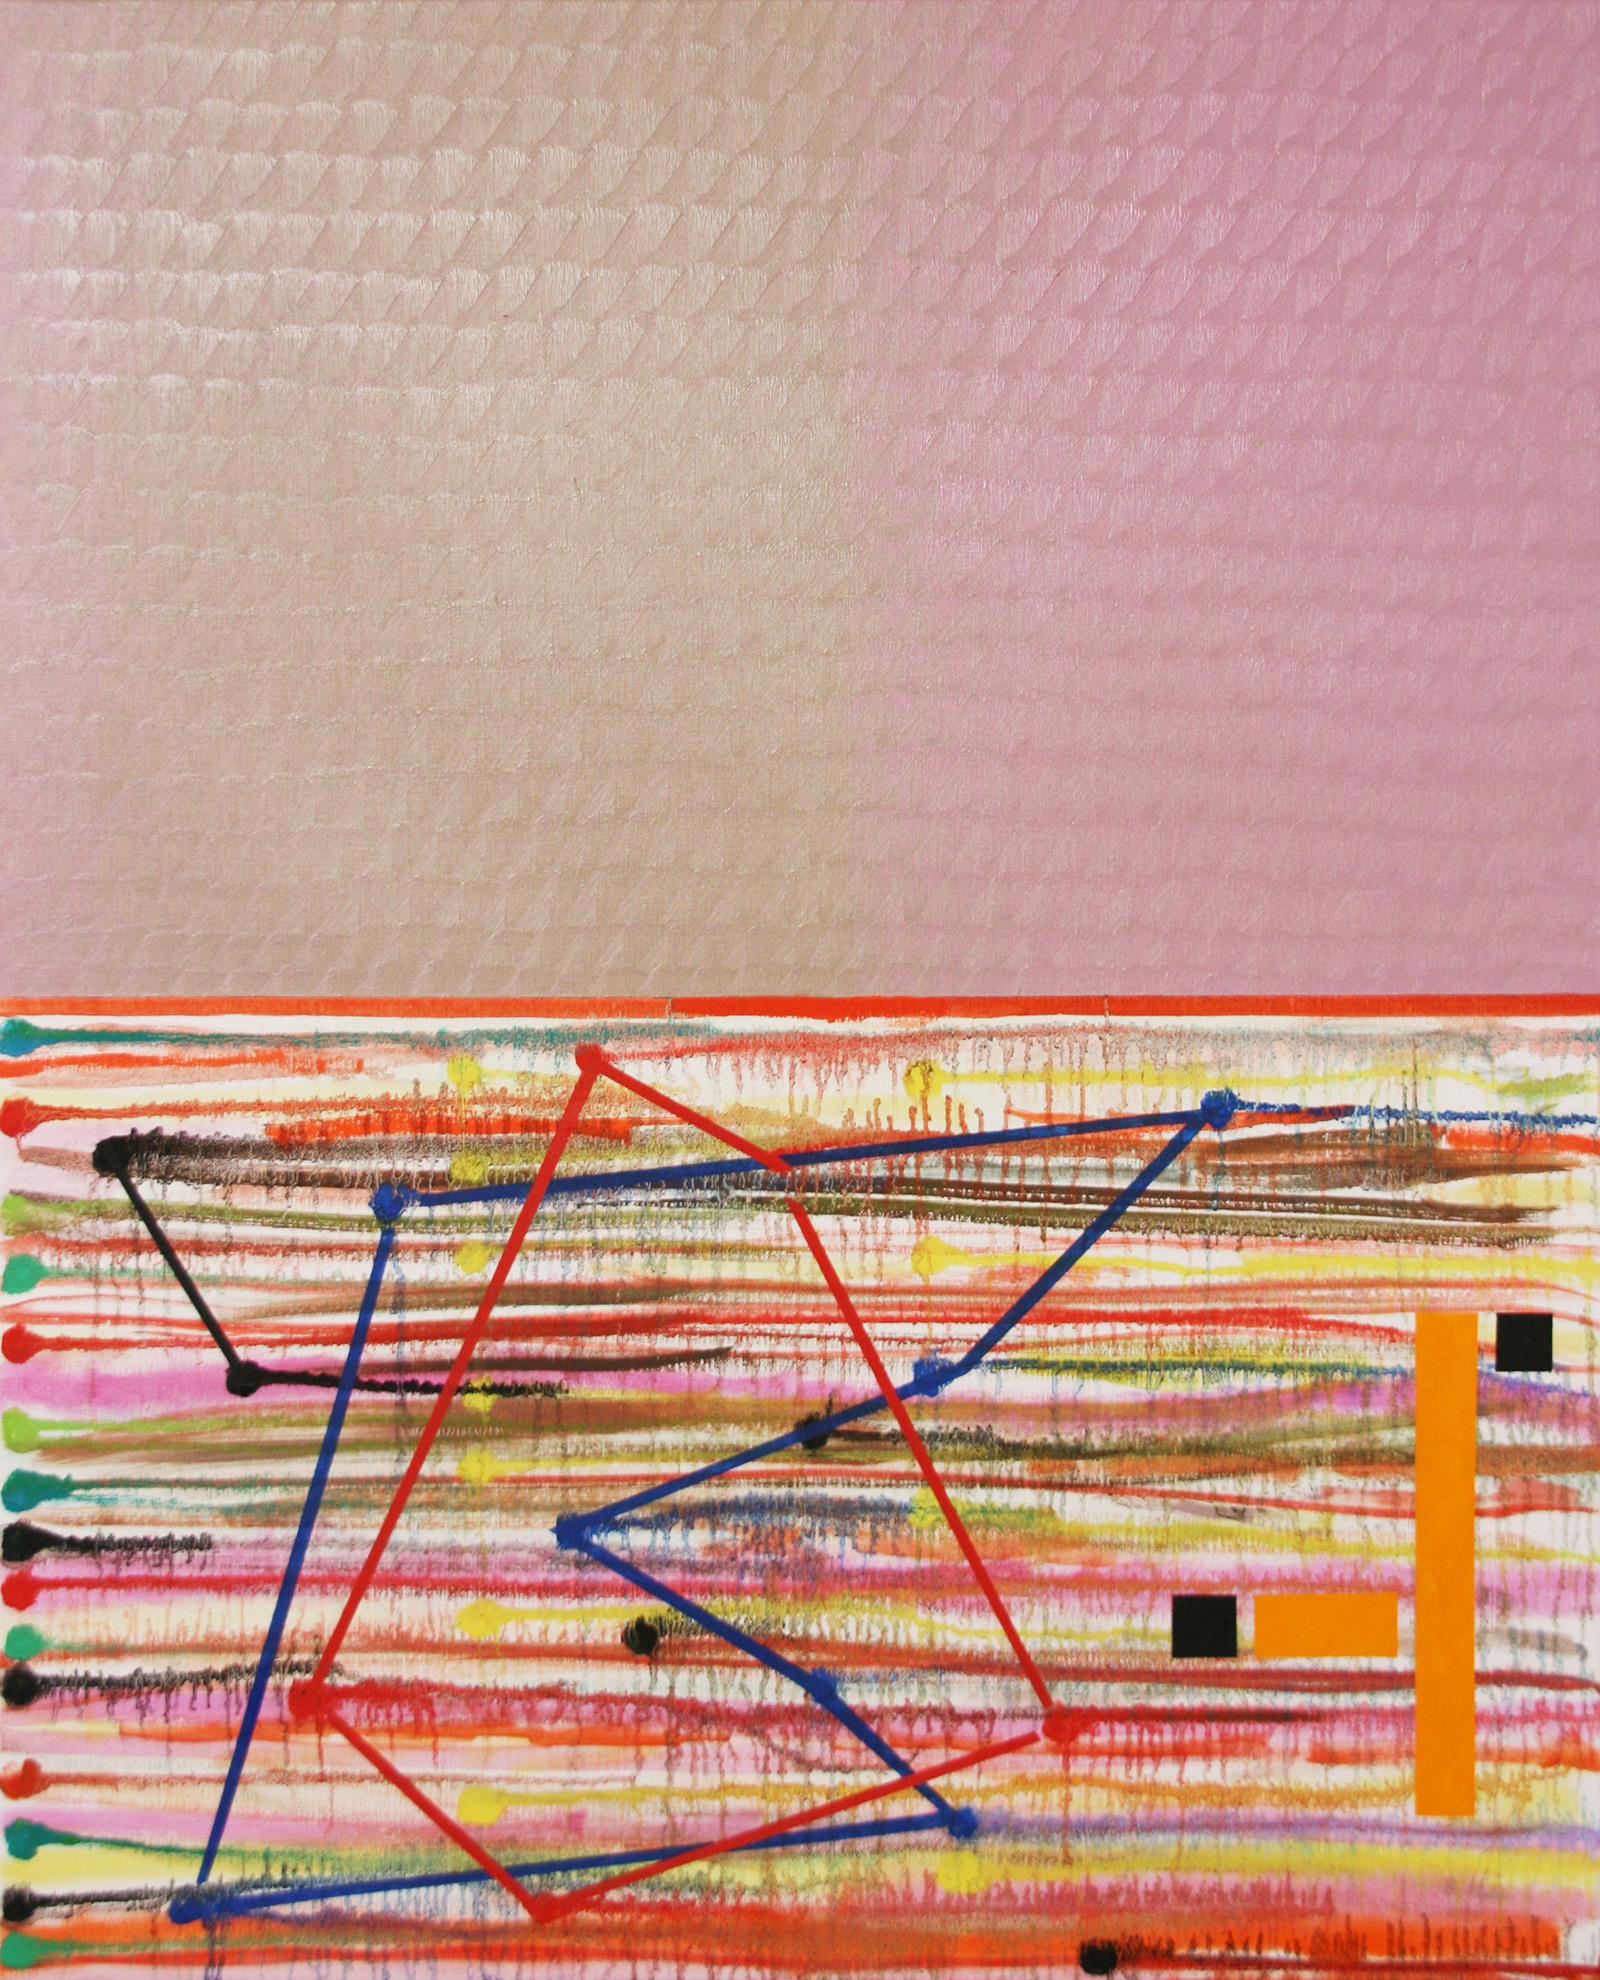 Geoway -oil on canvas 100 x 81 cm- 2016 Miquel Gelabert